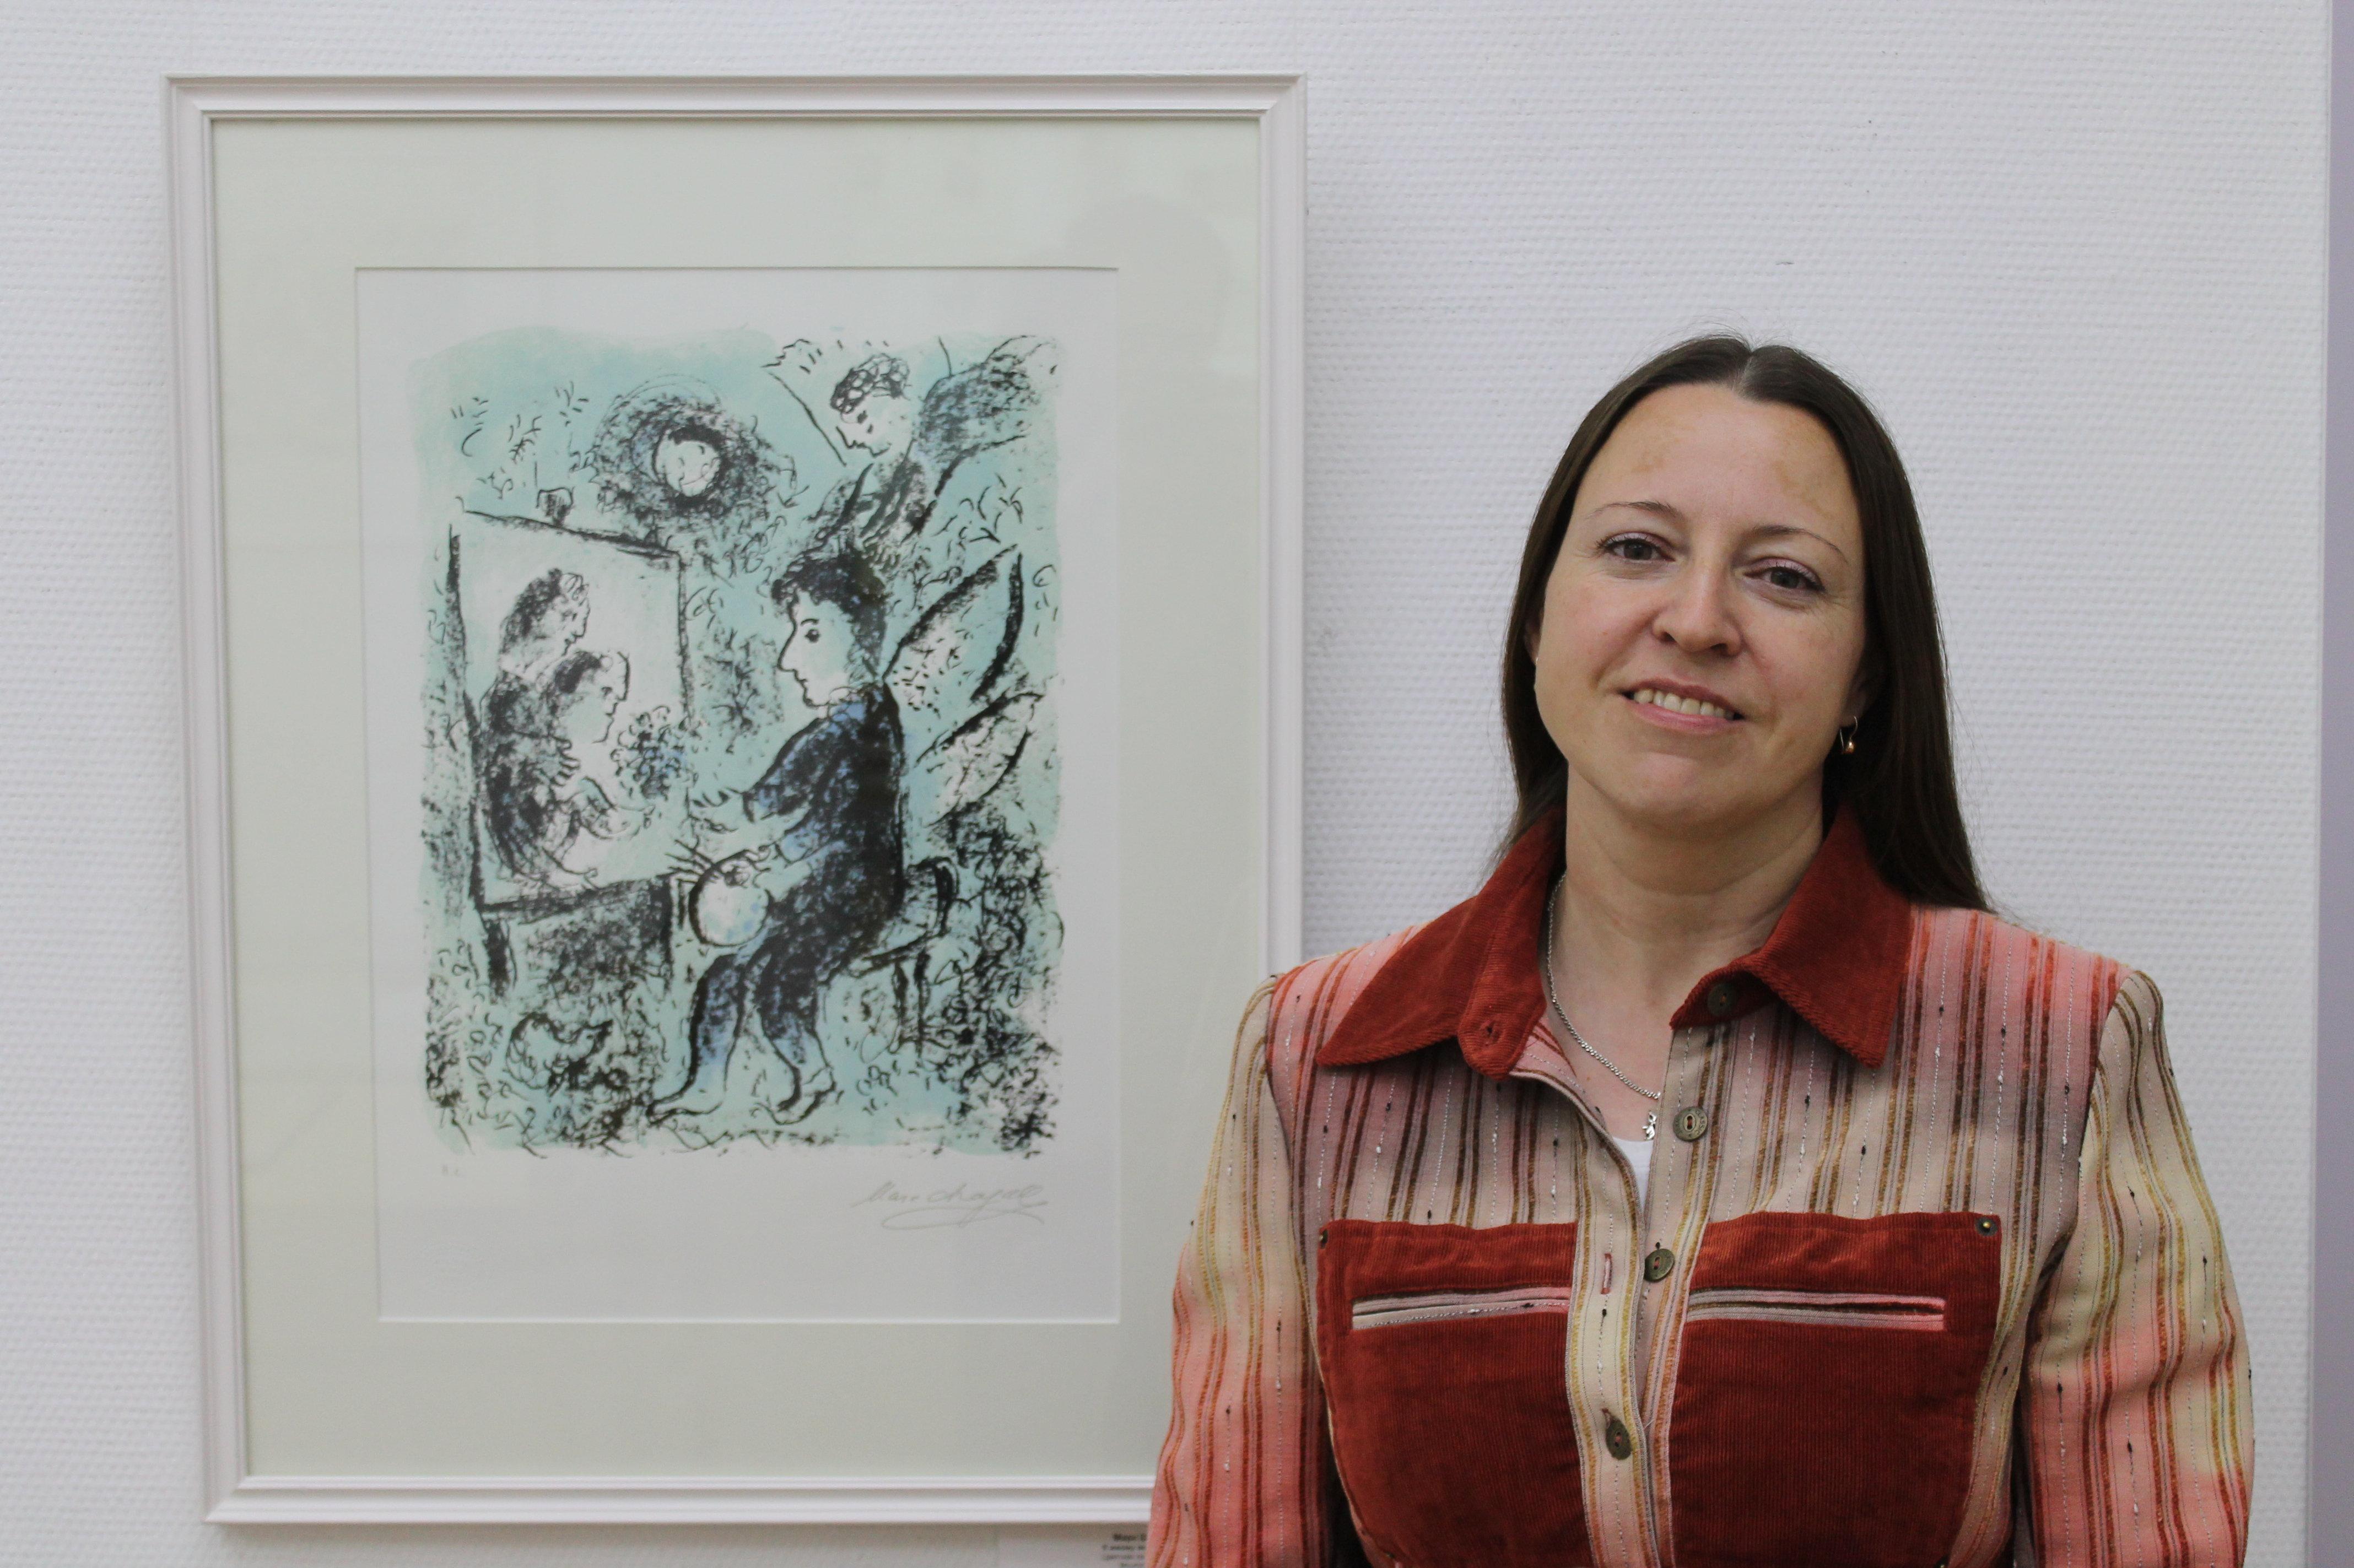 Директор музея Марка Шагала Ирина Воронова рядом с первой подаренной музею картиной К иному миру - по иронии судьбы, последней работой Мастера